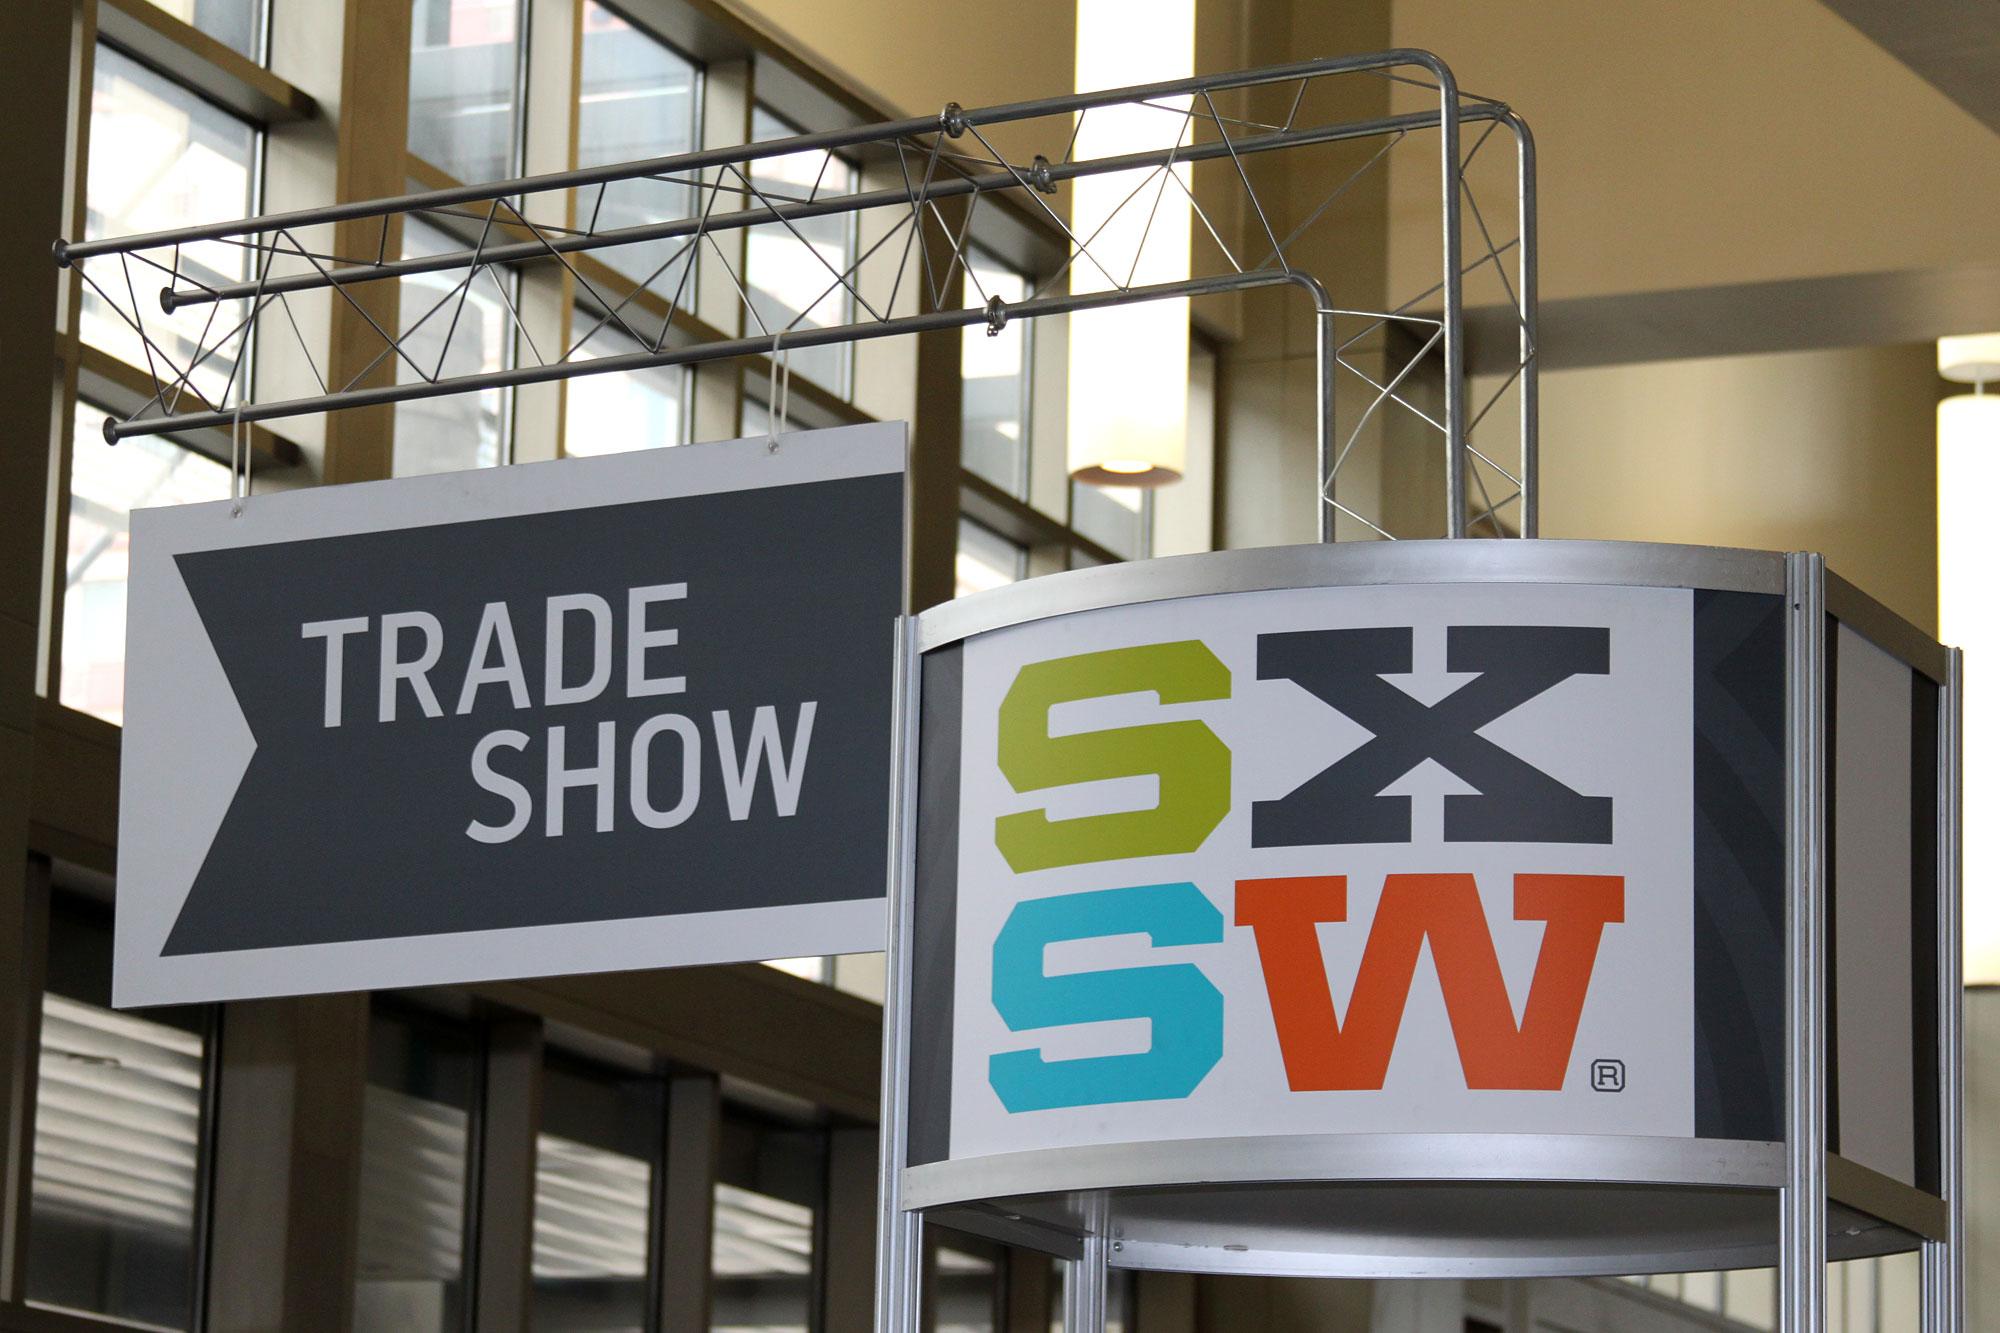 SXSW Trade Show 2012